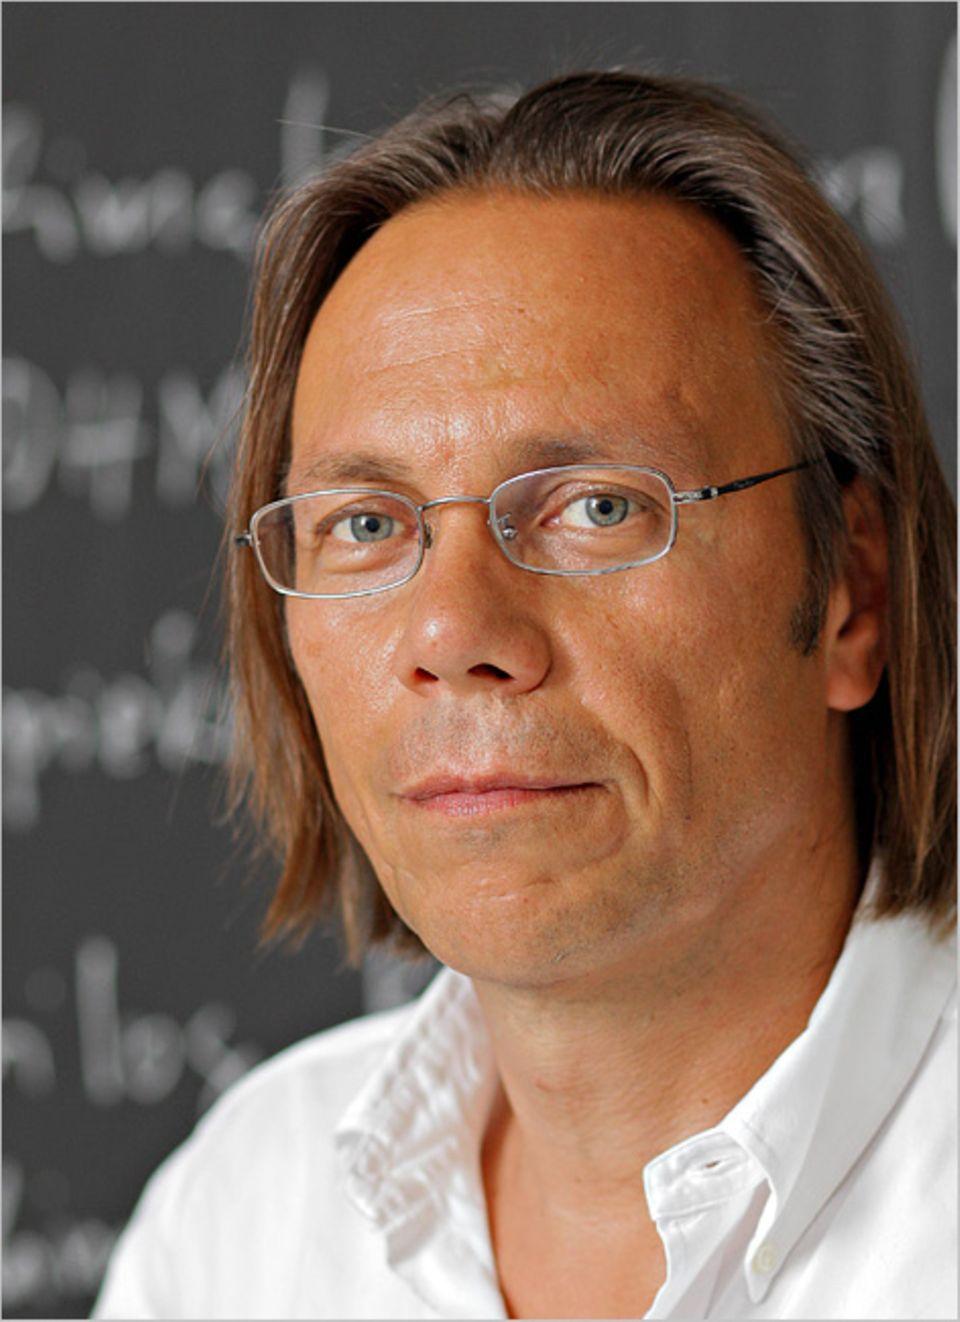 Klimawandel: Professor Harald Welzer ist Soziologe und Sozialpsychologe. Er lehrt an der Universität Flensburg Transformationsdesign und leitet die Stiftung Futurzwei